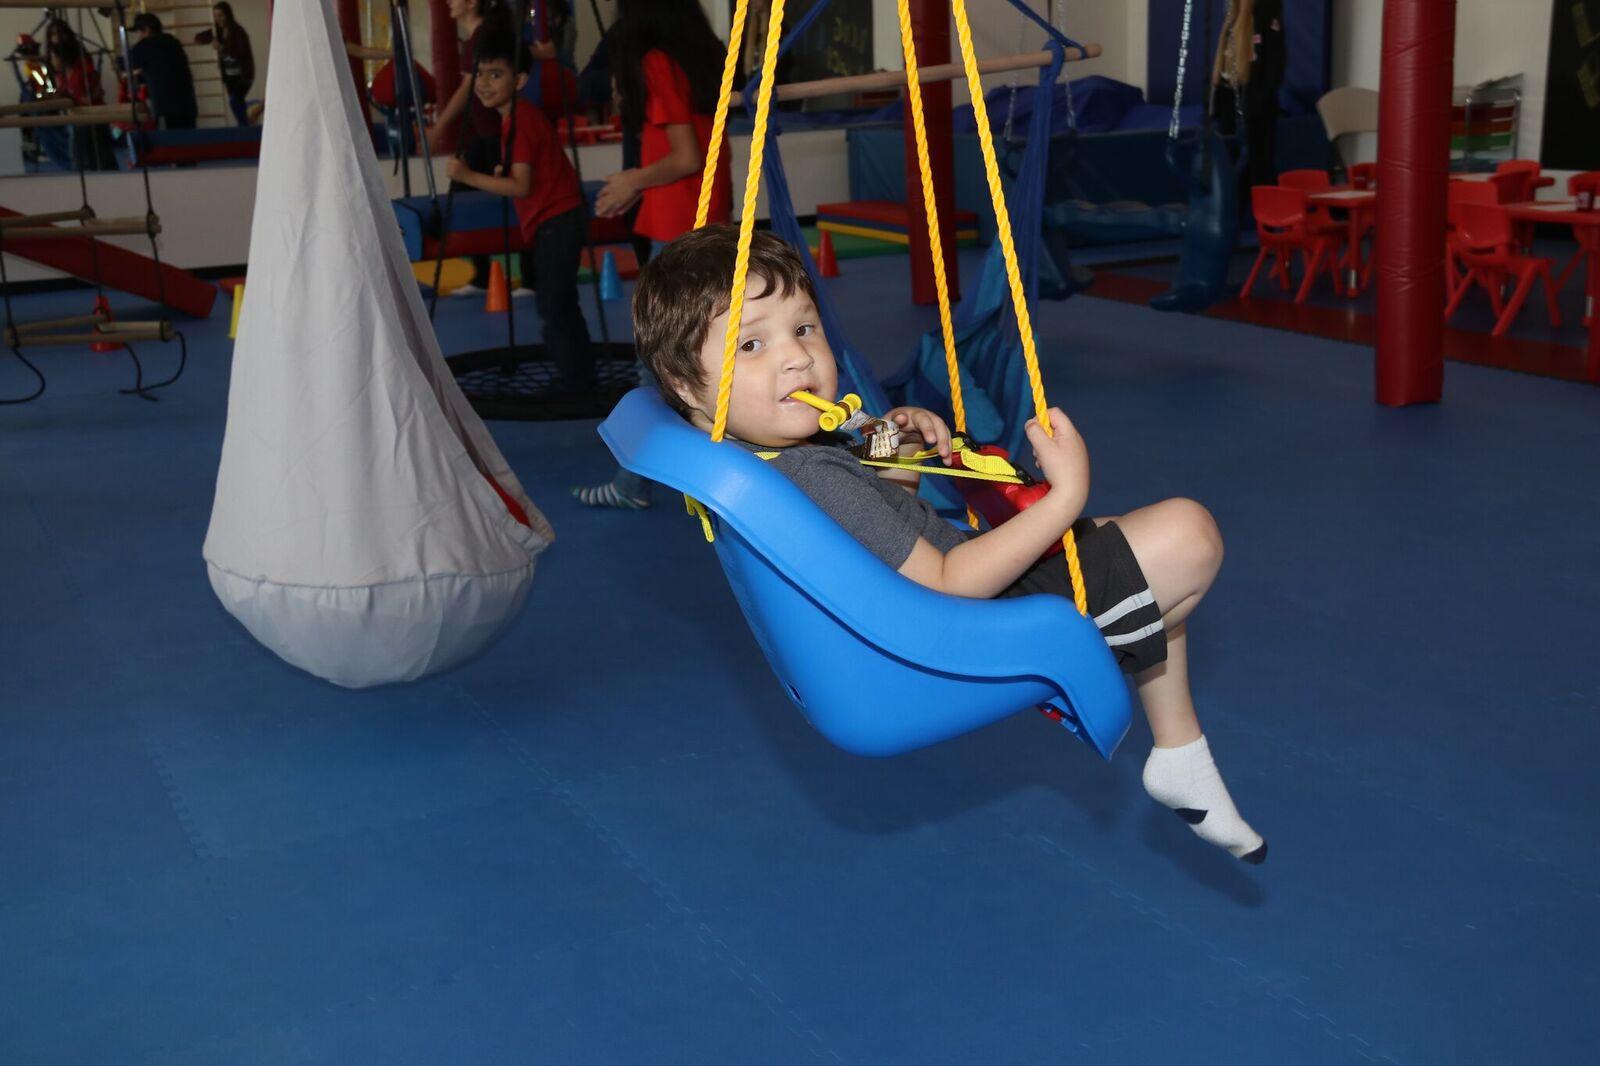 kid sitting in blue swing